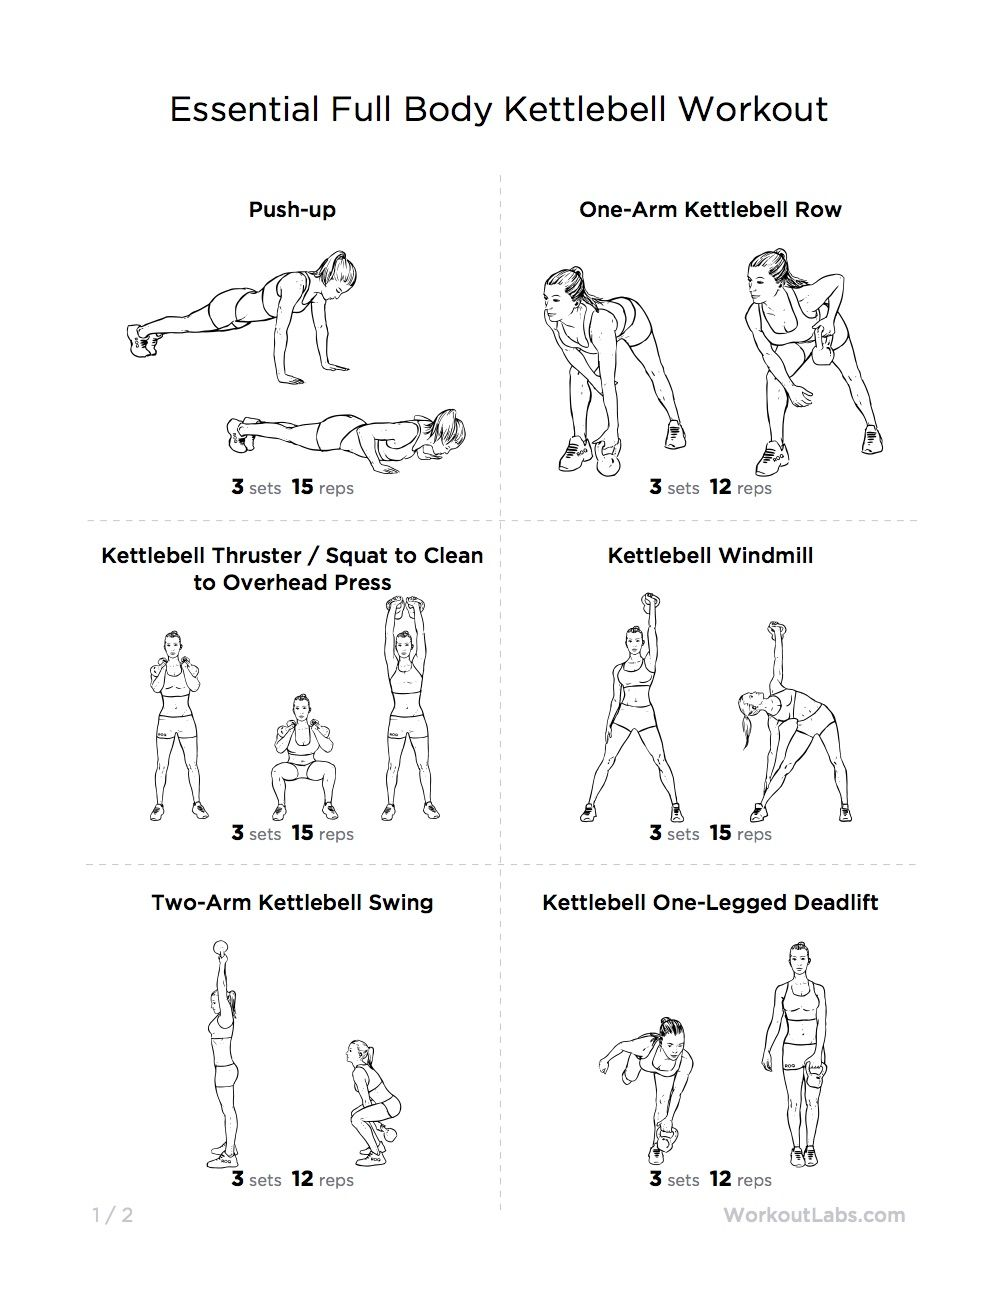 Essential Full Body Kettlebell Printable Workout for Men & Women ...